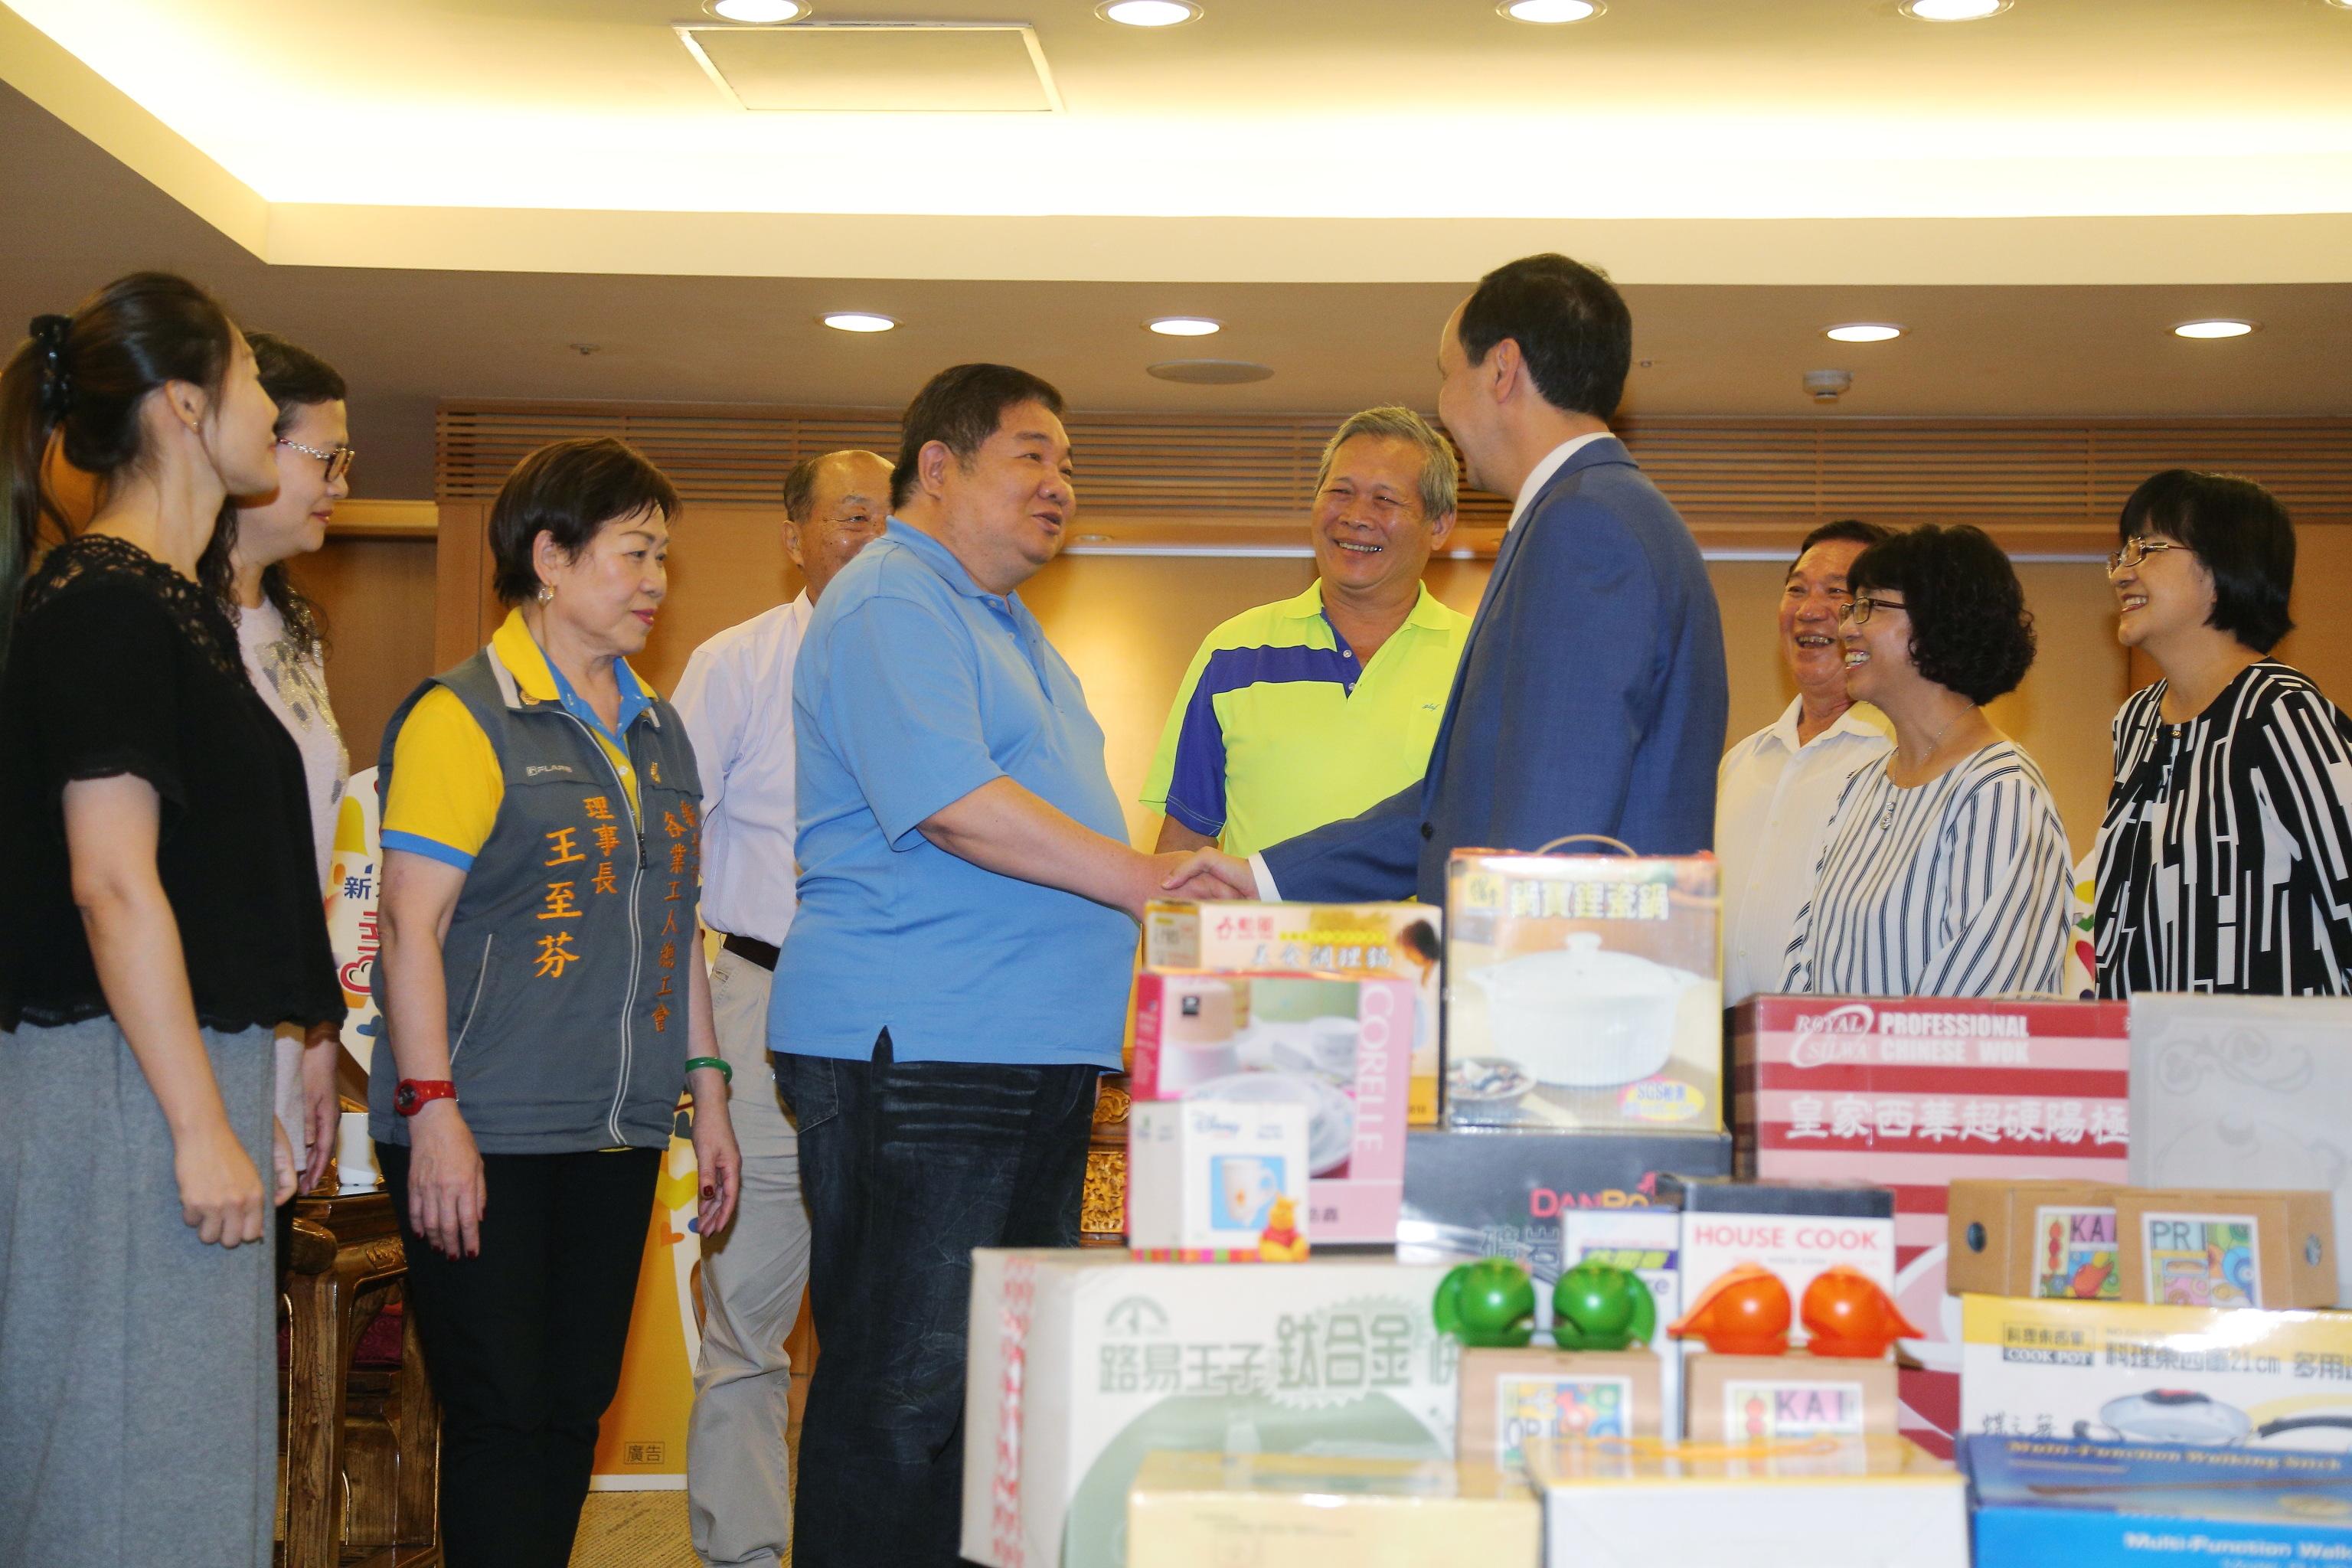 朱市長感謝新北工會行善團默默耕耘行善,幫助弱勢家庭及民眾生活所需